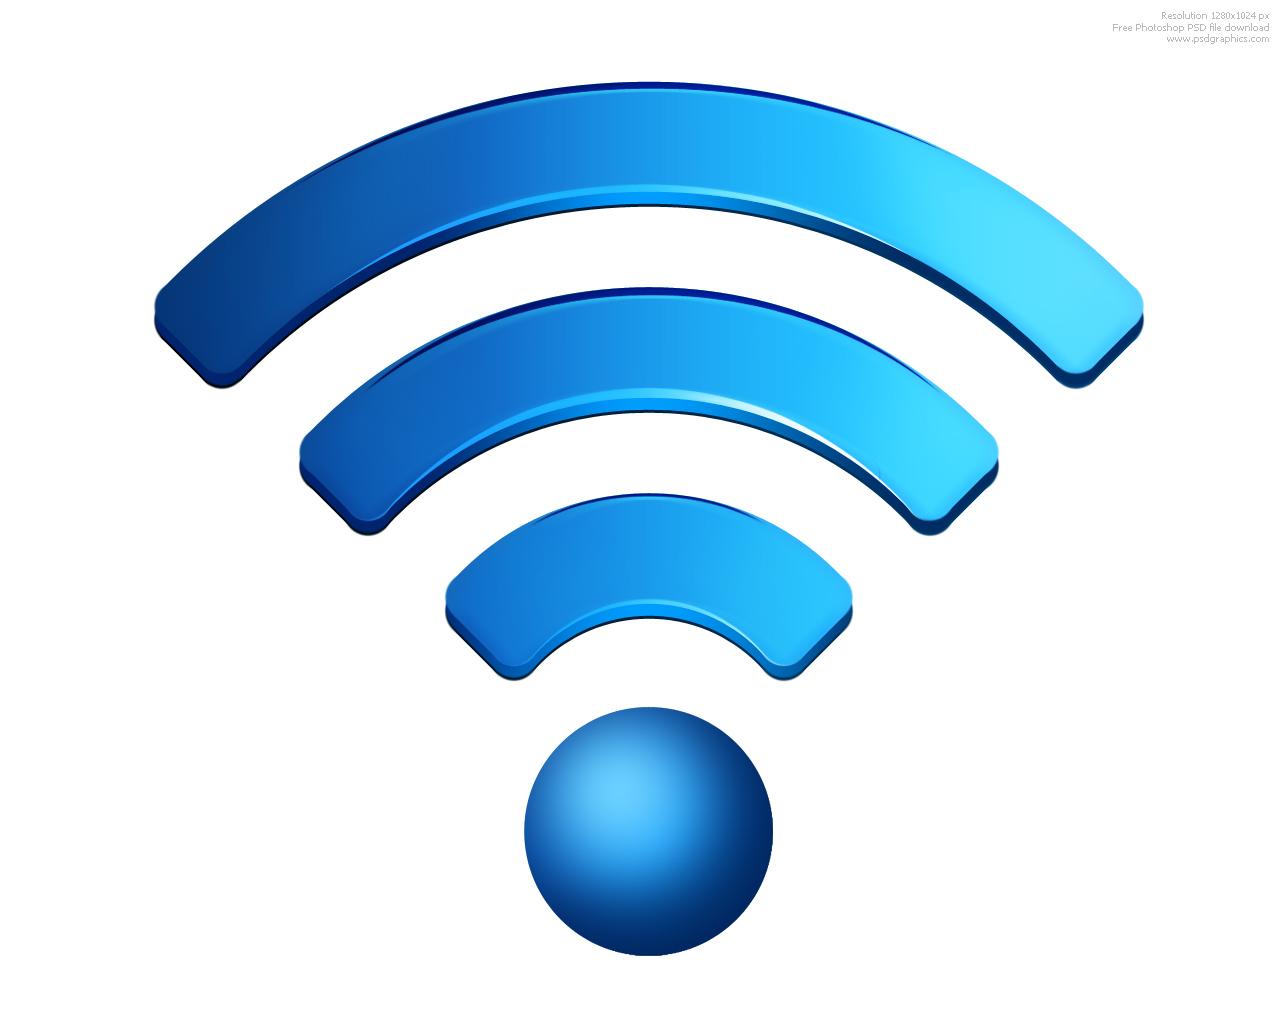 Mais 31 mil pontos de internet estão previstos em edital do Ministério das Comunicações